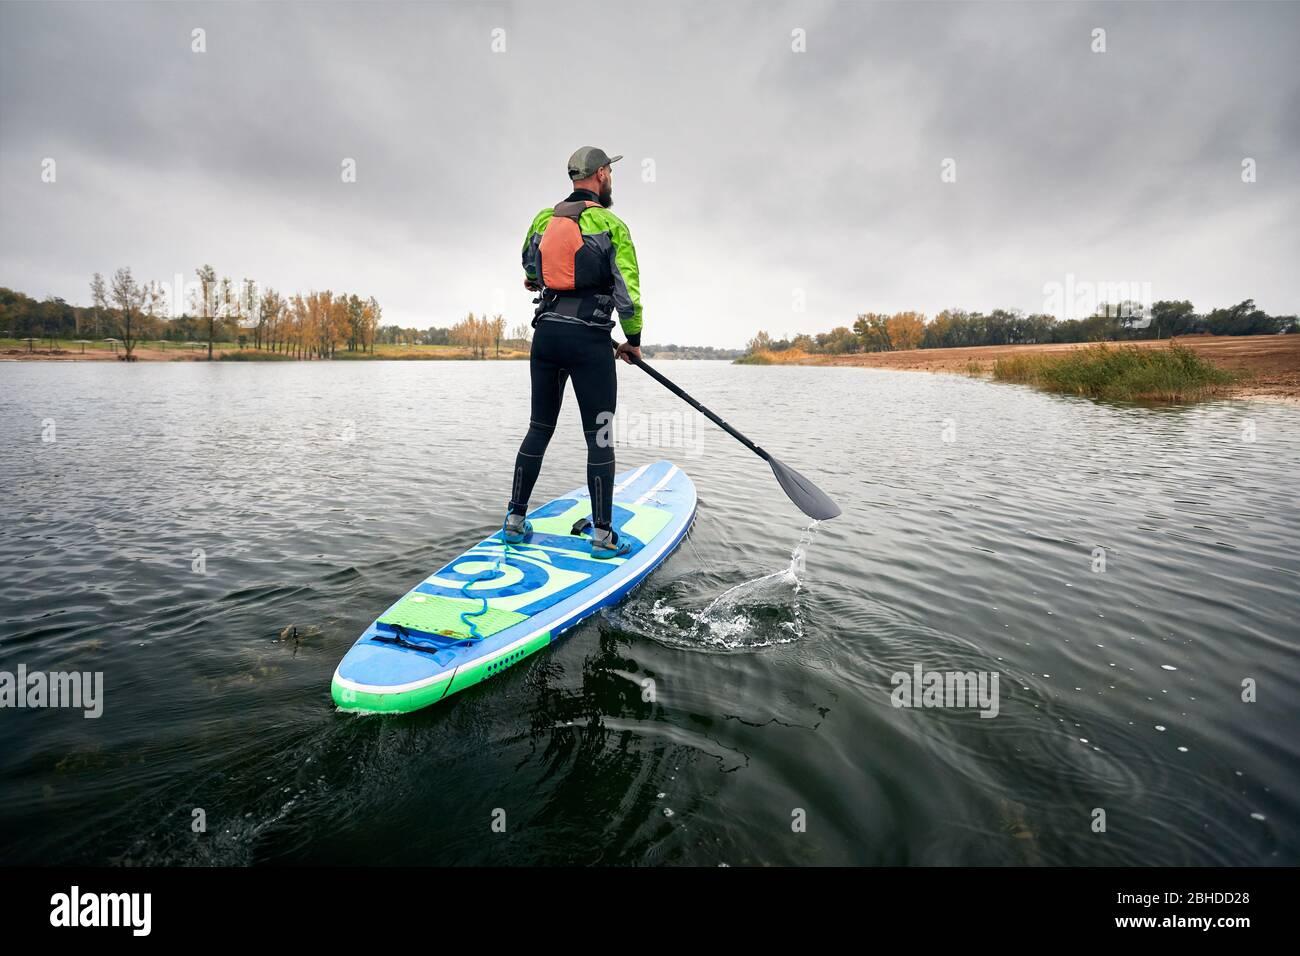 Atleta en traje de paddleboard explorando el lago en clima frío contra el cielo nublado Foto de stock